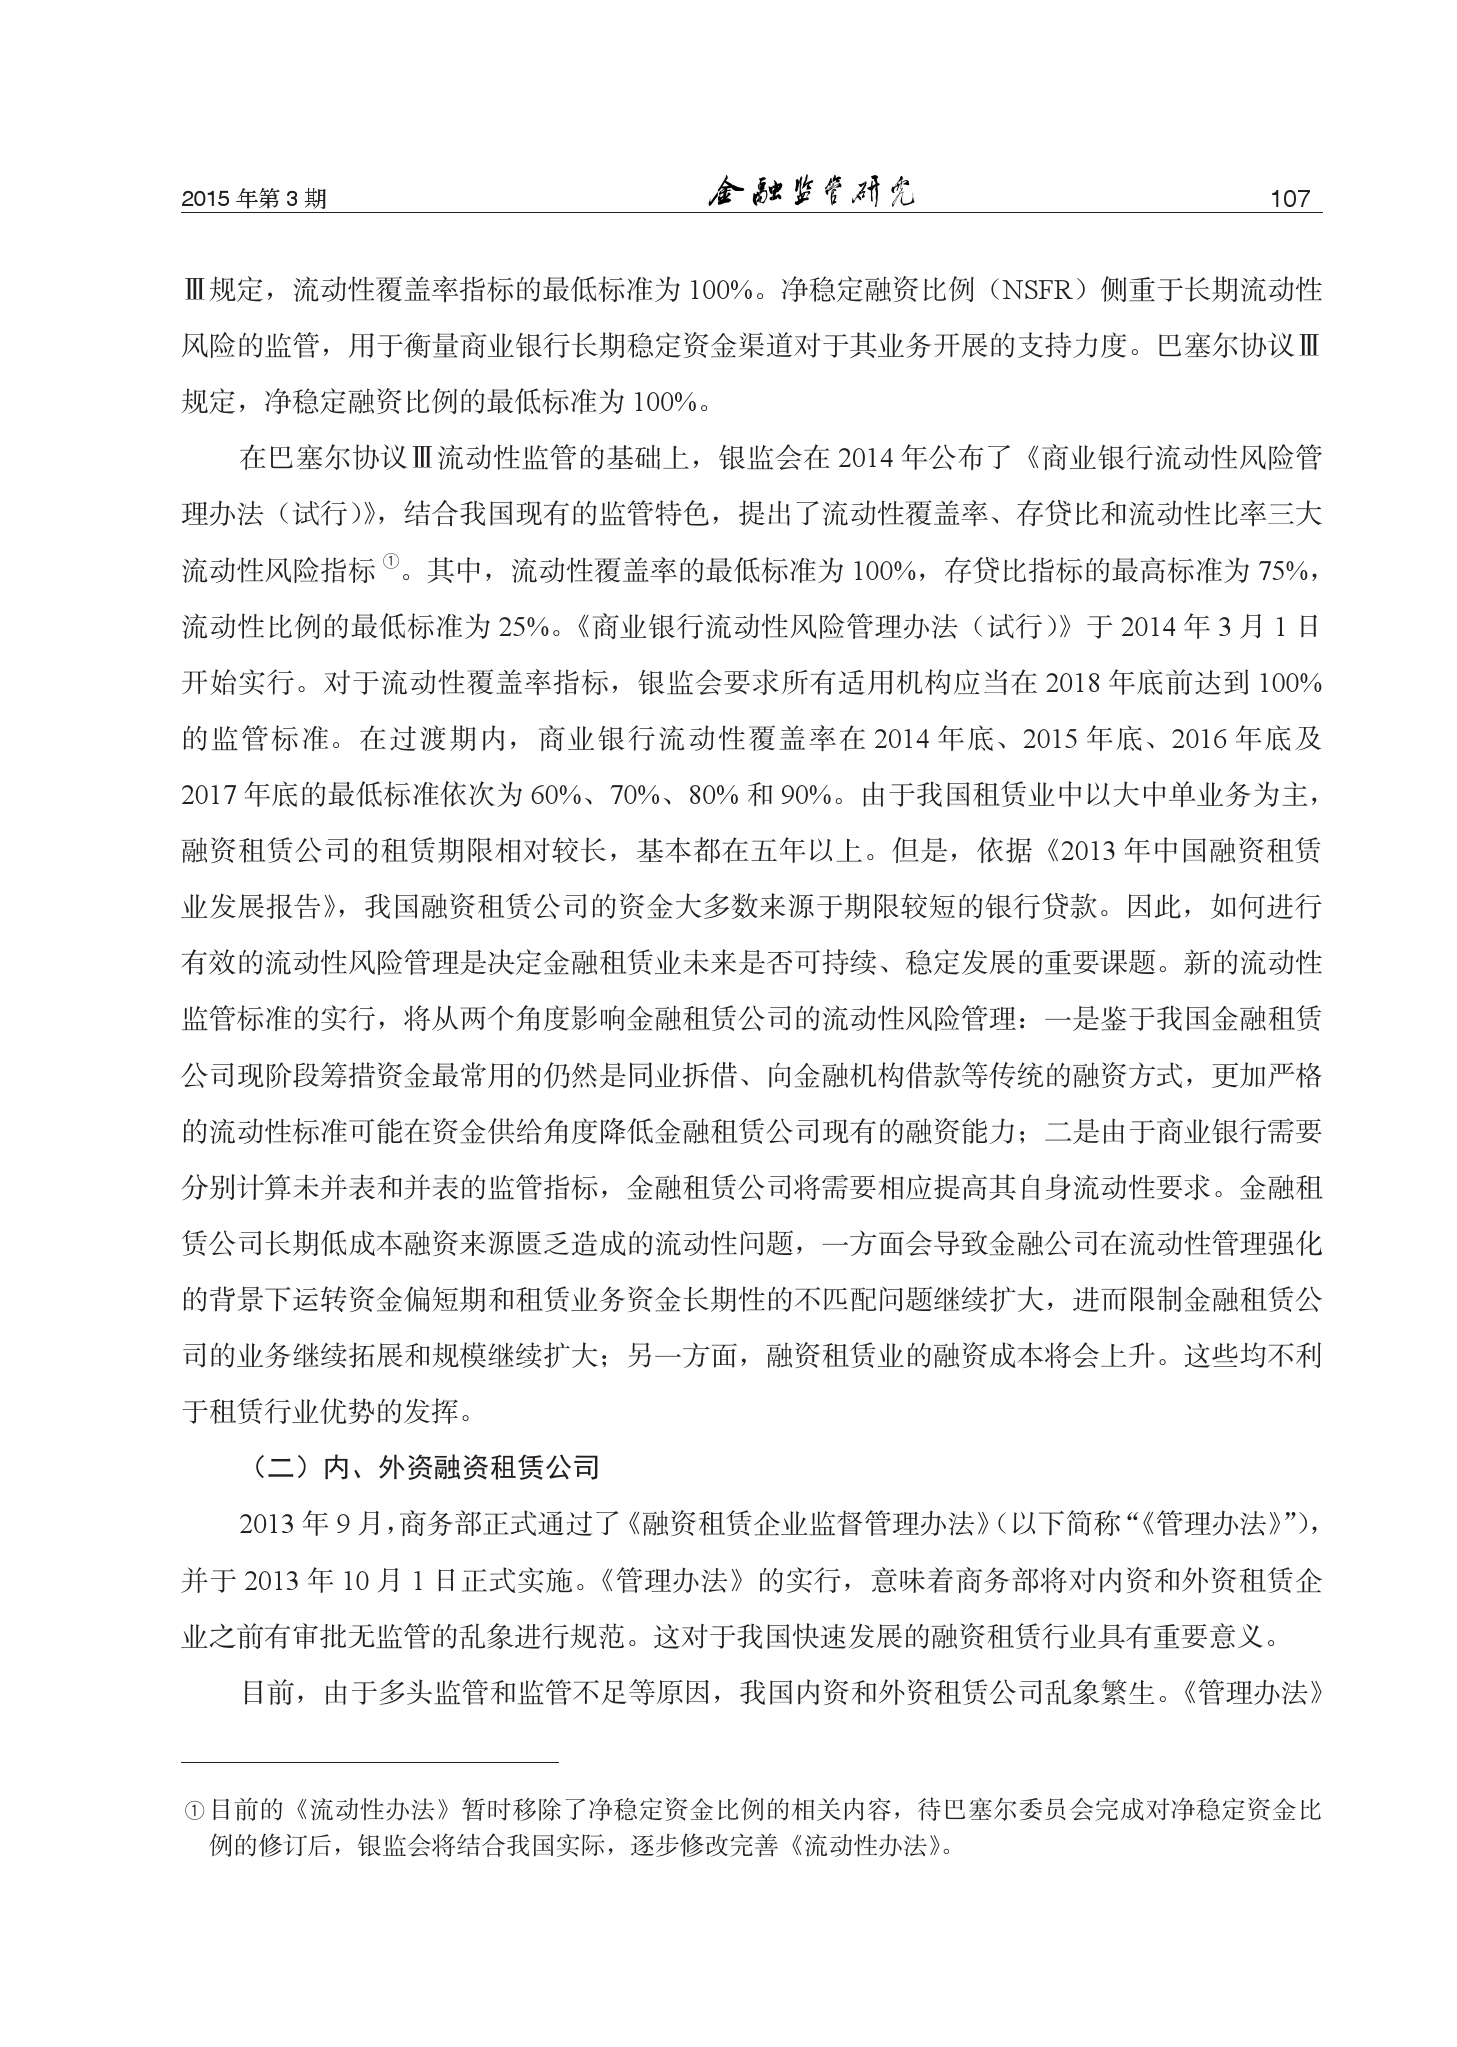 我国融资租赁业风险与监管研究_000009